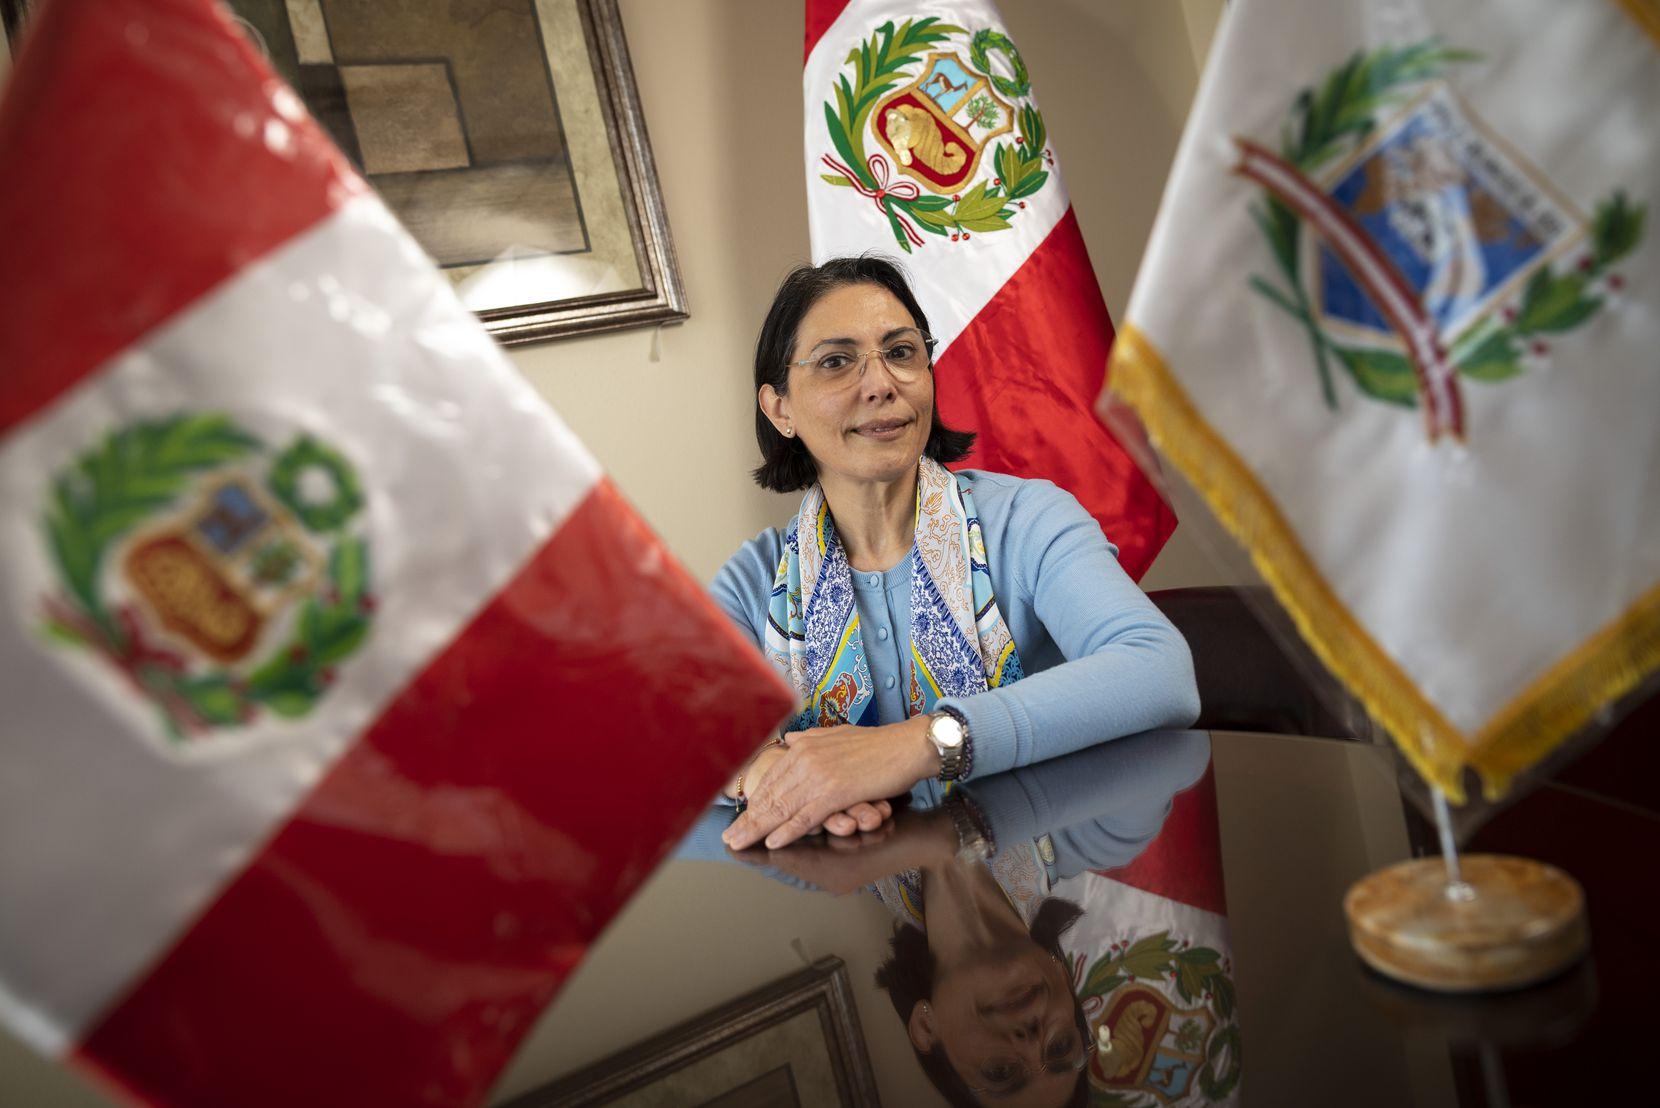 Liliana Patricia Trelles, cónsul general de Perú en Dallas, indicó que las mesas de votación estarán abiertas el domingo 11 de abril para que los peruanos cumplan con su obligación de ir a votar.